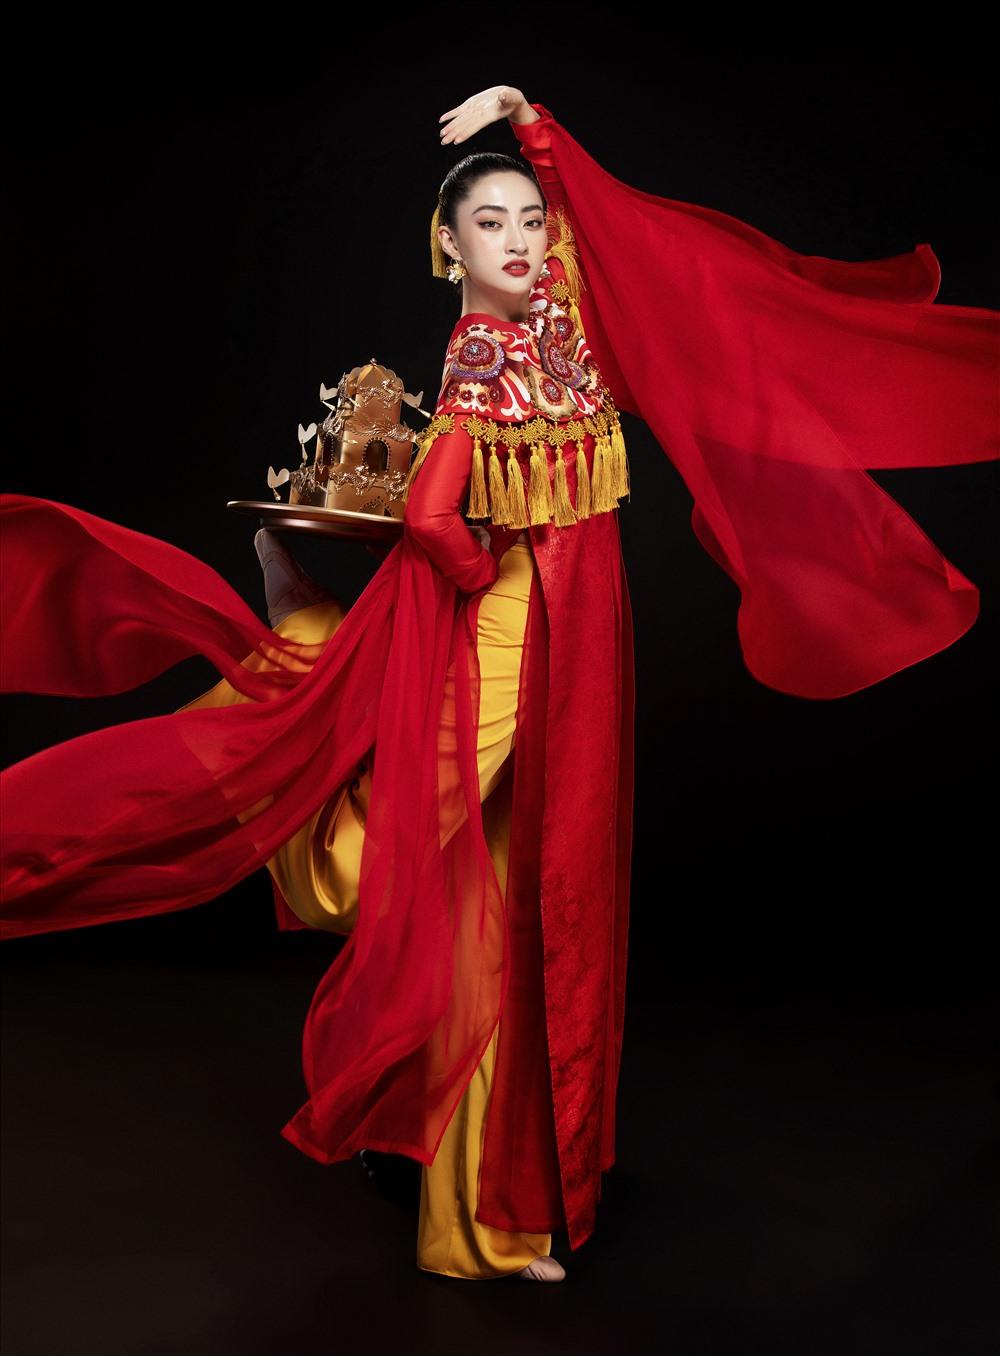 Bên cạnh bài múa được chuẩn bị kỹ càng, Hoa hậu Lương Thuỳ Linh còn lựa chọn bộ trang phục đặc sắc mang đậm dấu ấn văn hoá Việt Nam nhằm mang lại màn trình diễn ấn tượng với bạn bè quốc tế. Ảnh: Lê Thiện Viễn.